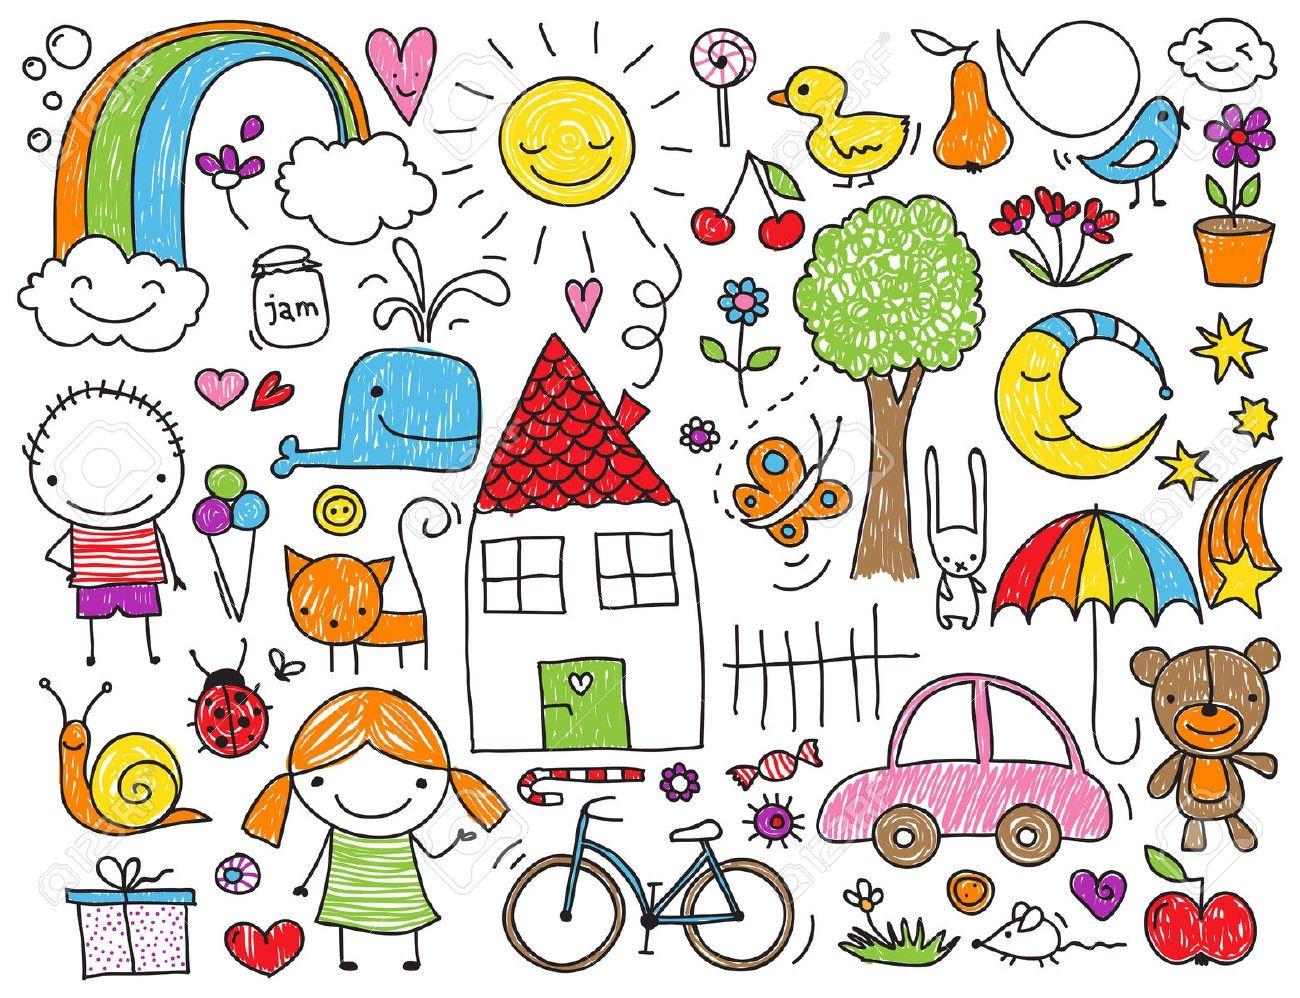 29462393-Raccolta-di-disegni-svegli-dei-bambini-di-bambini-animali-natura-oggetti-Archivio-Fotografico